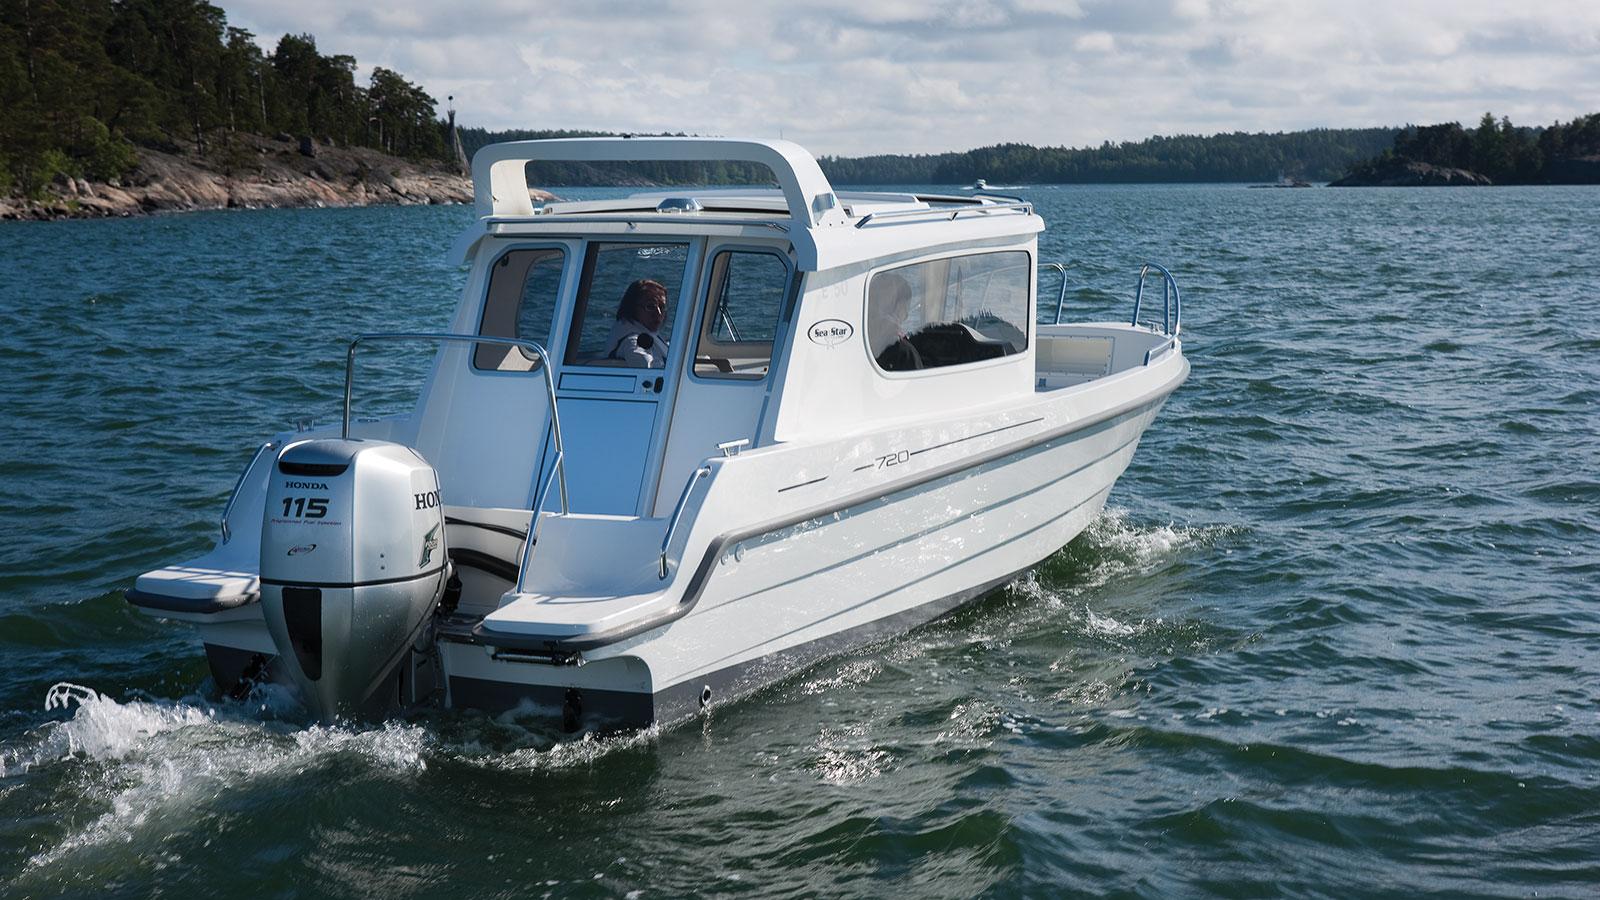 łódź zsilnikiem 115 KM